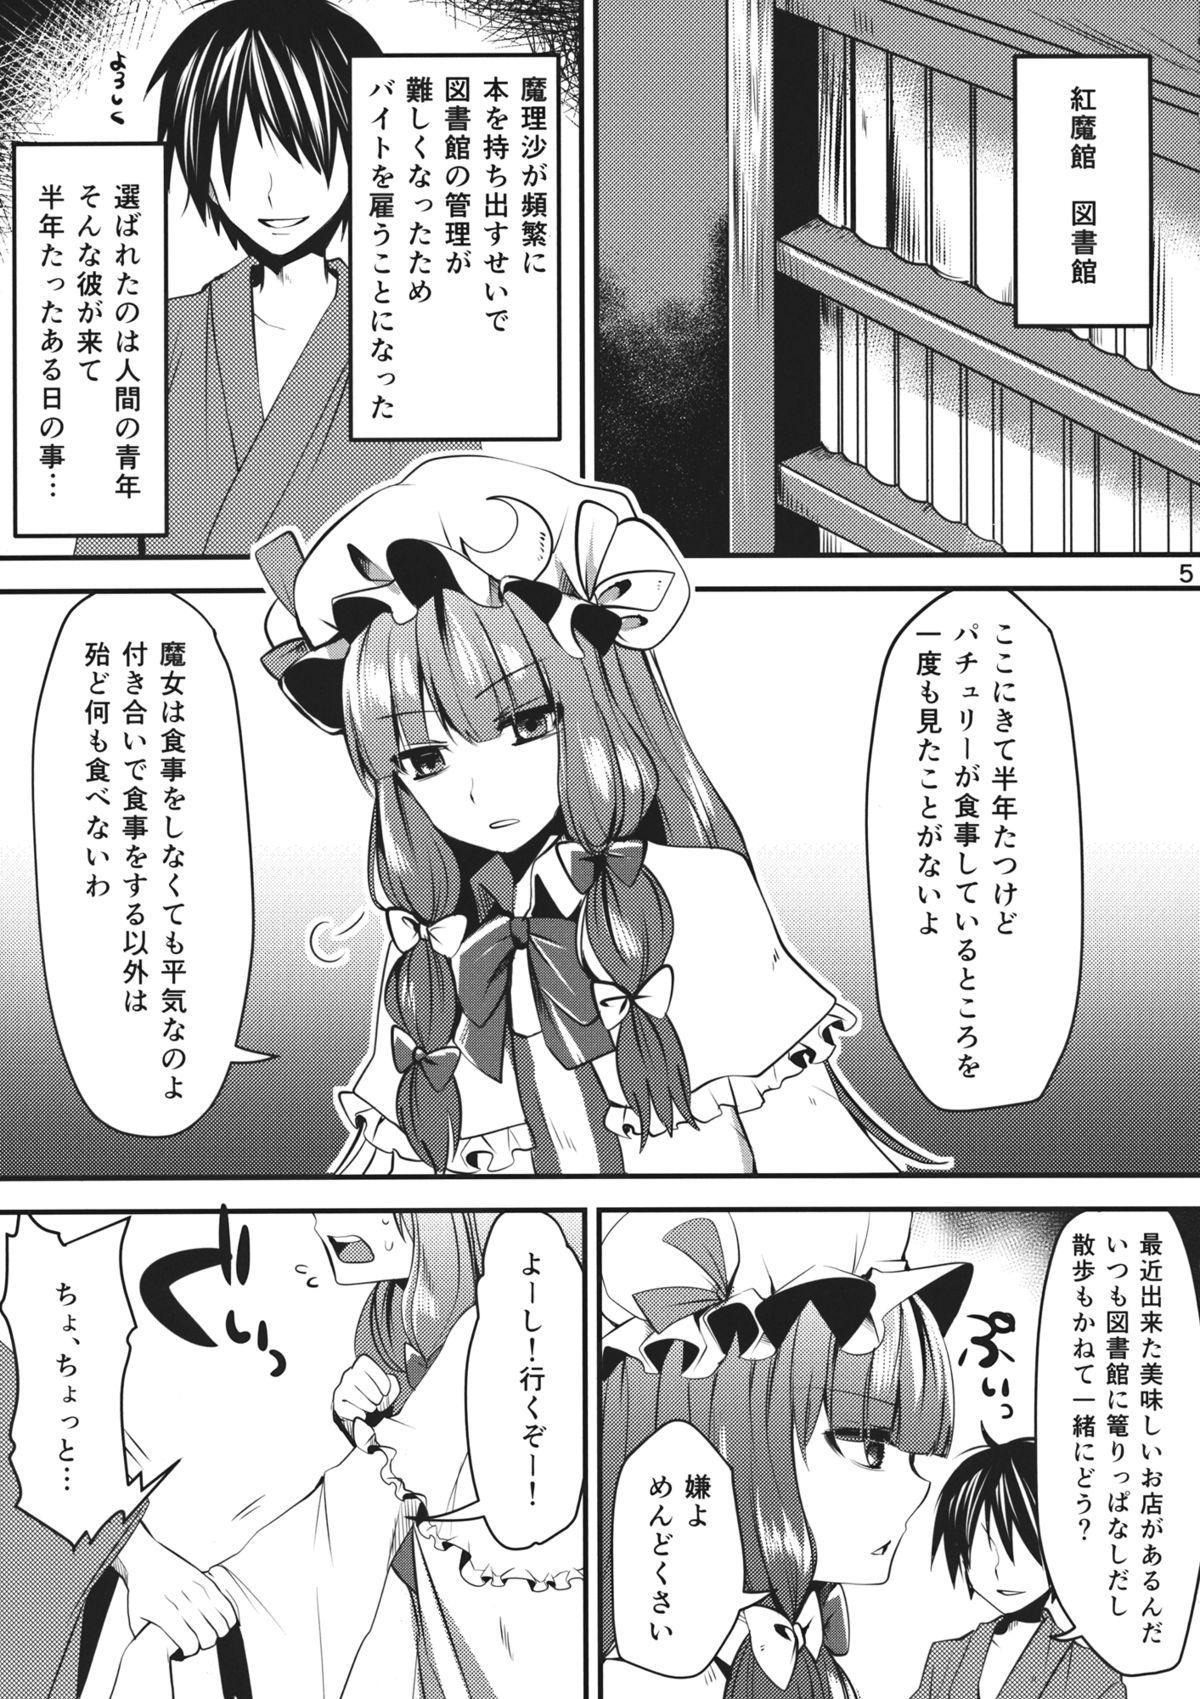 Ippai Taberu Kimi ga Suki 3